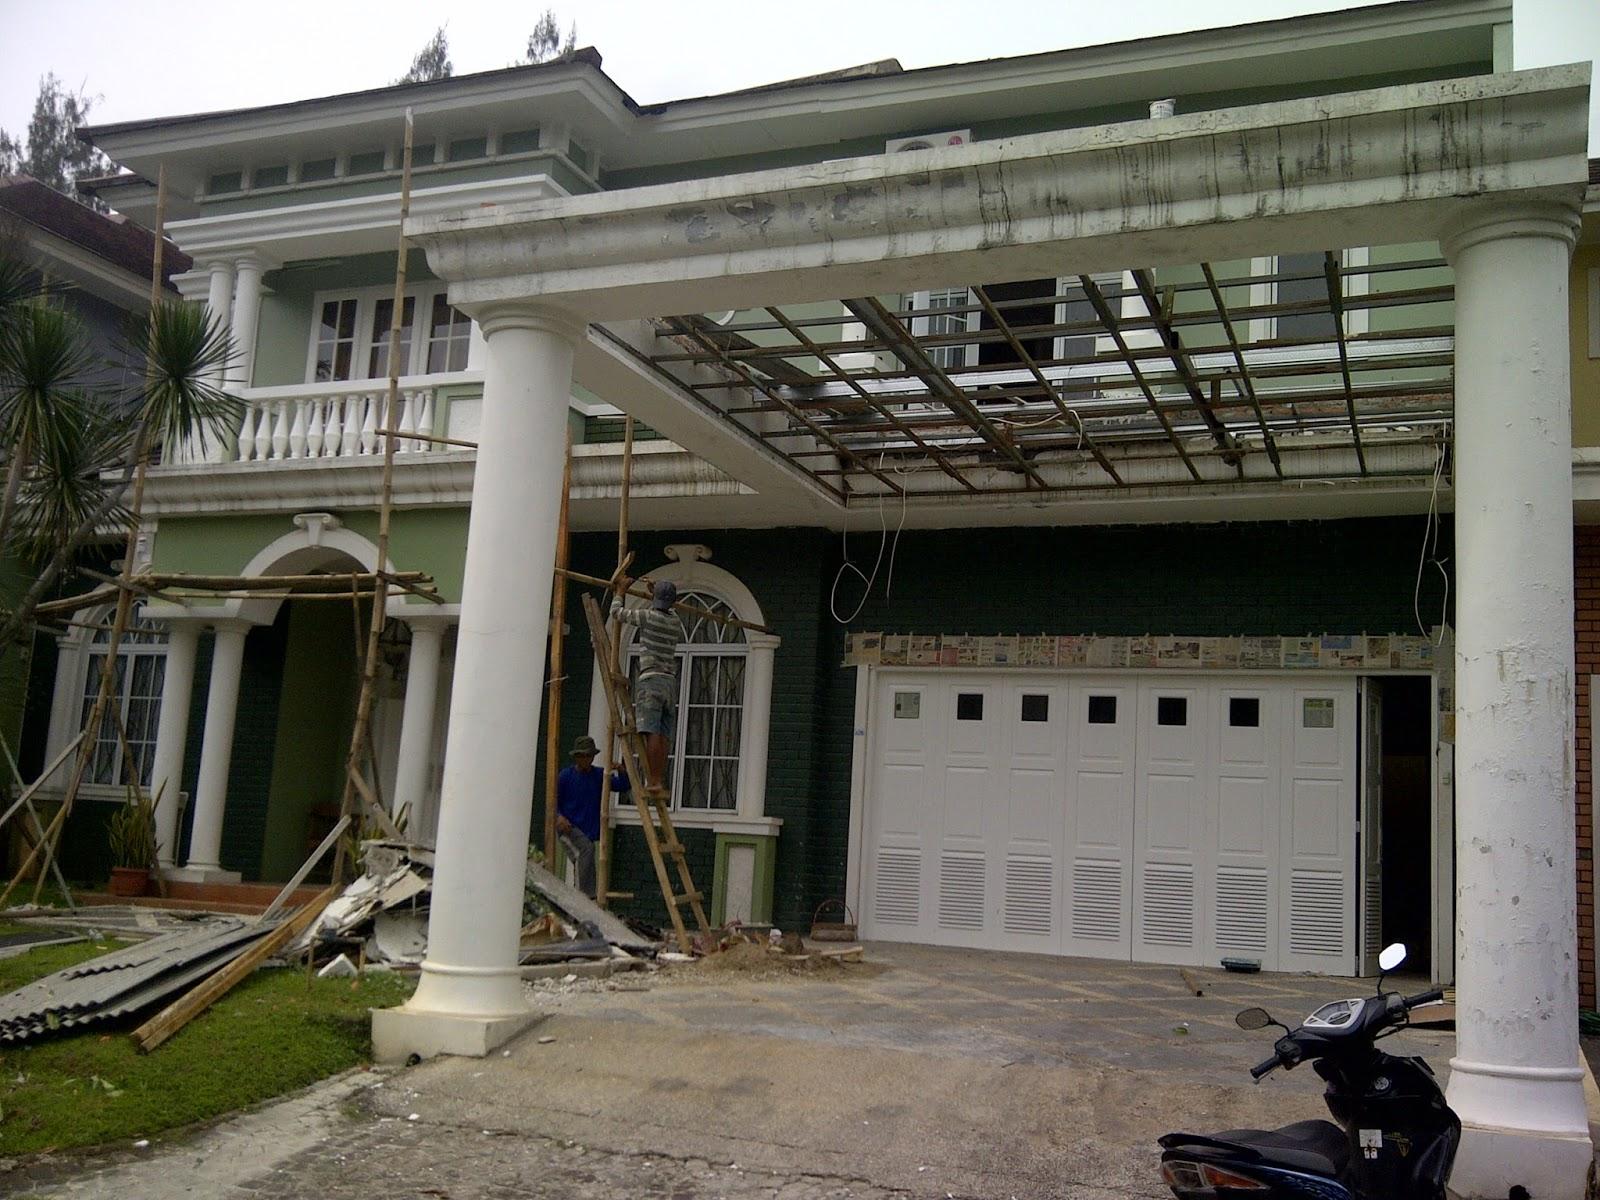 biaya renovasi rumah per meter 2019